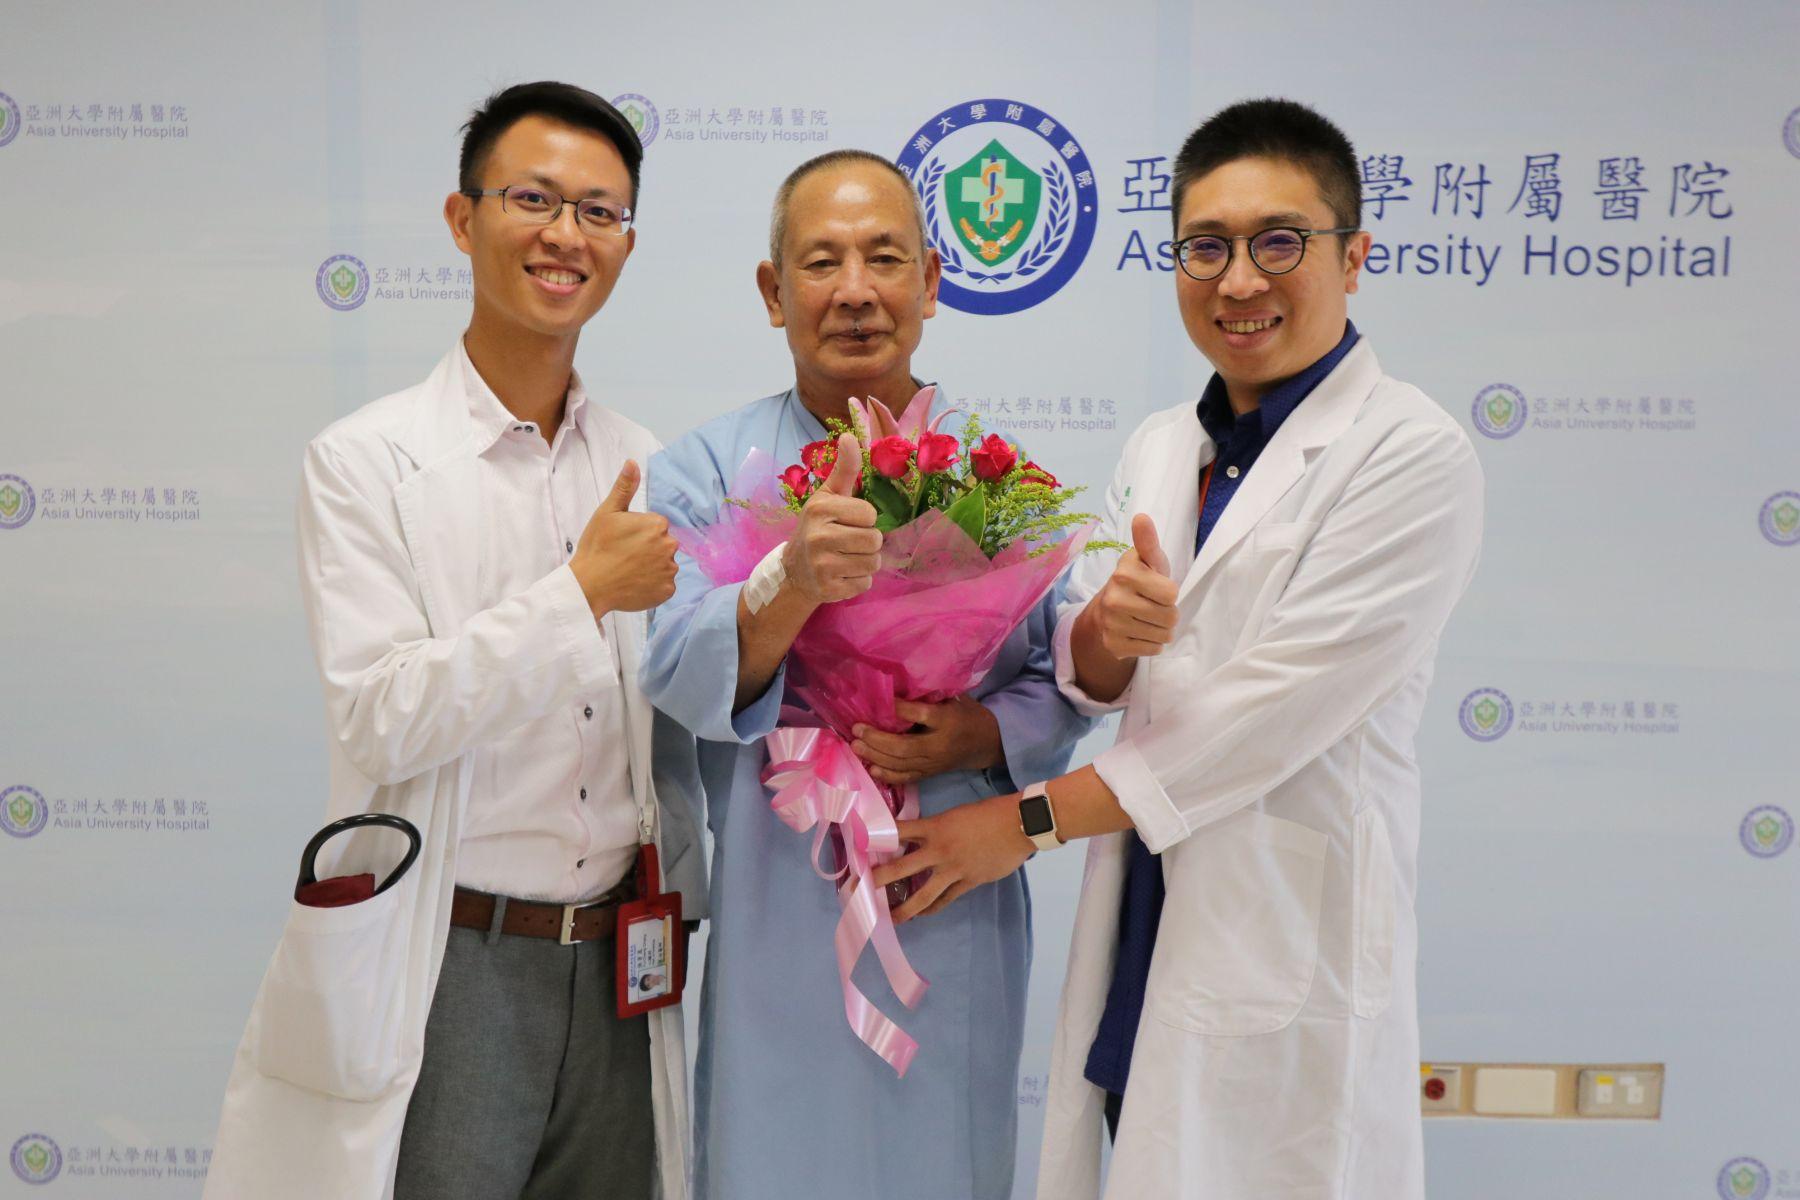 沒有任何慢性病!73歲老拳師無預警暈倒 竟是急性肺動脈栓塞惹禍